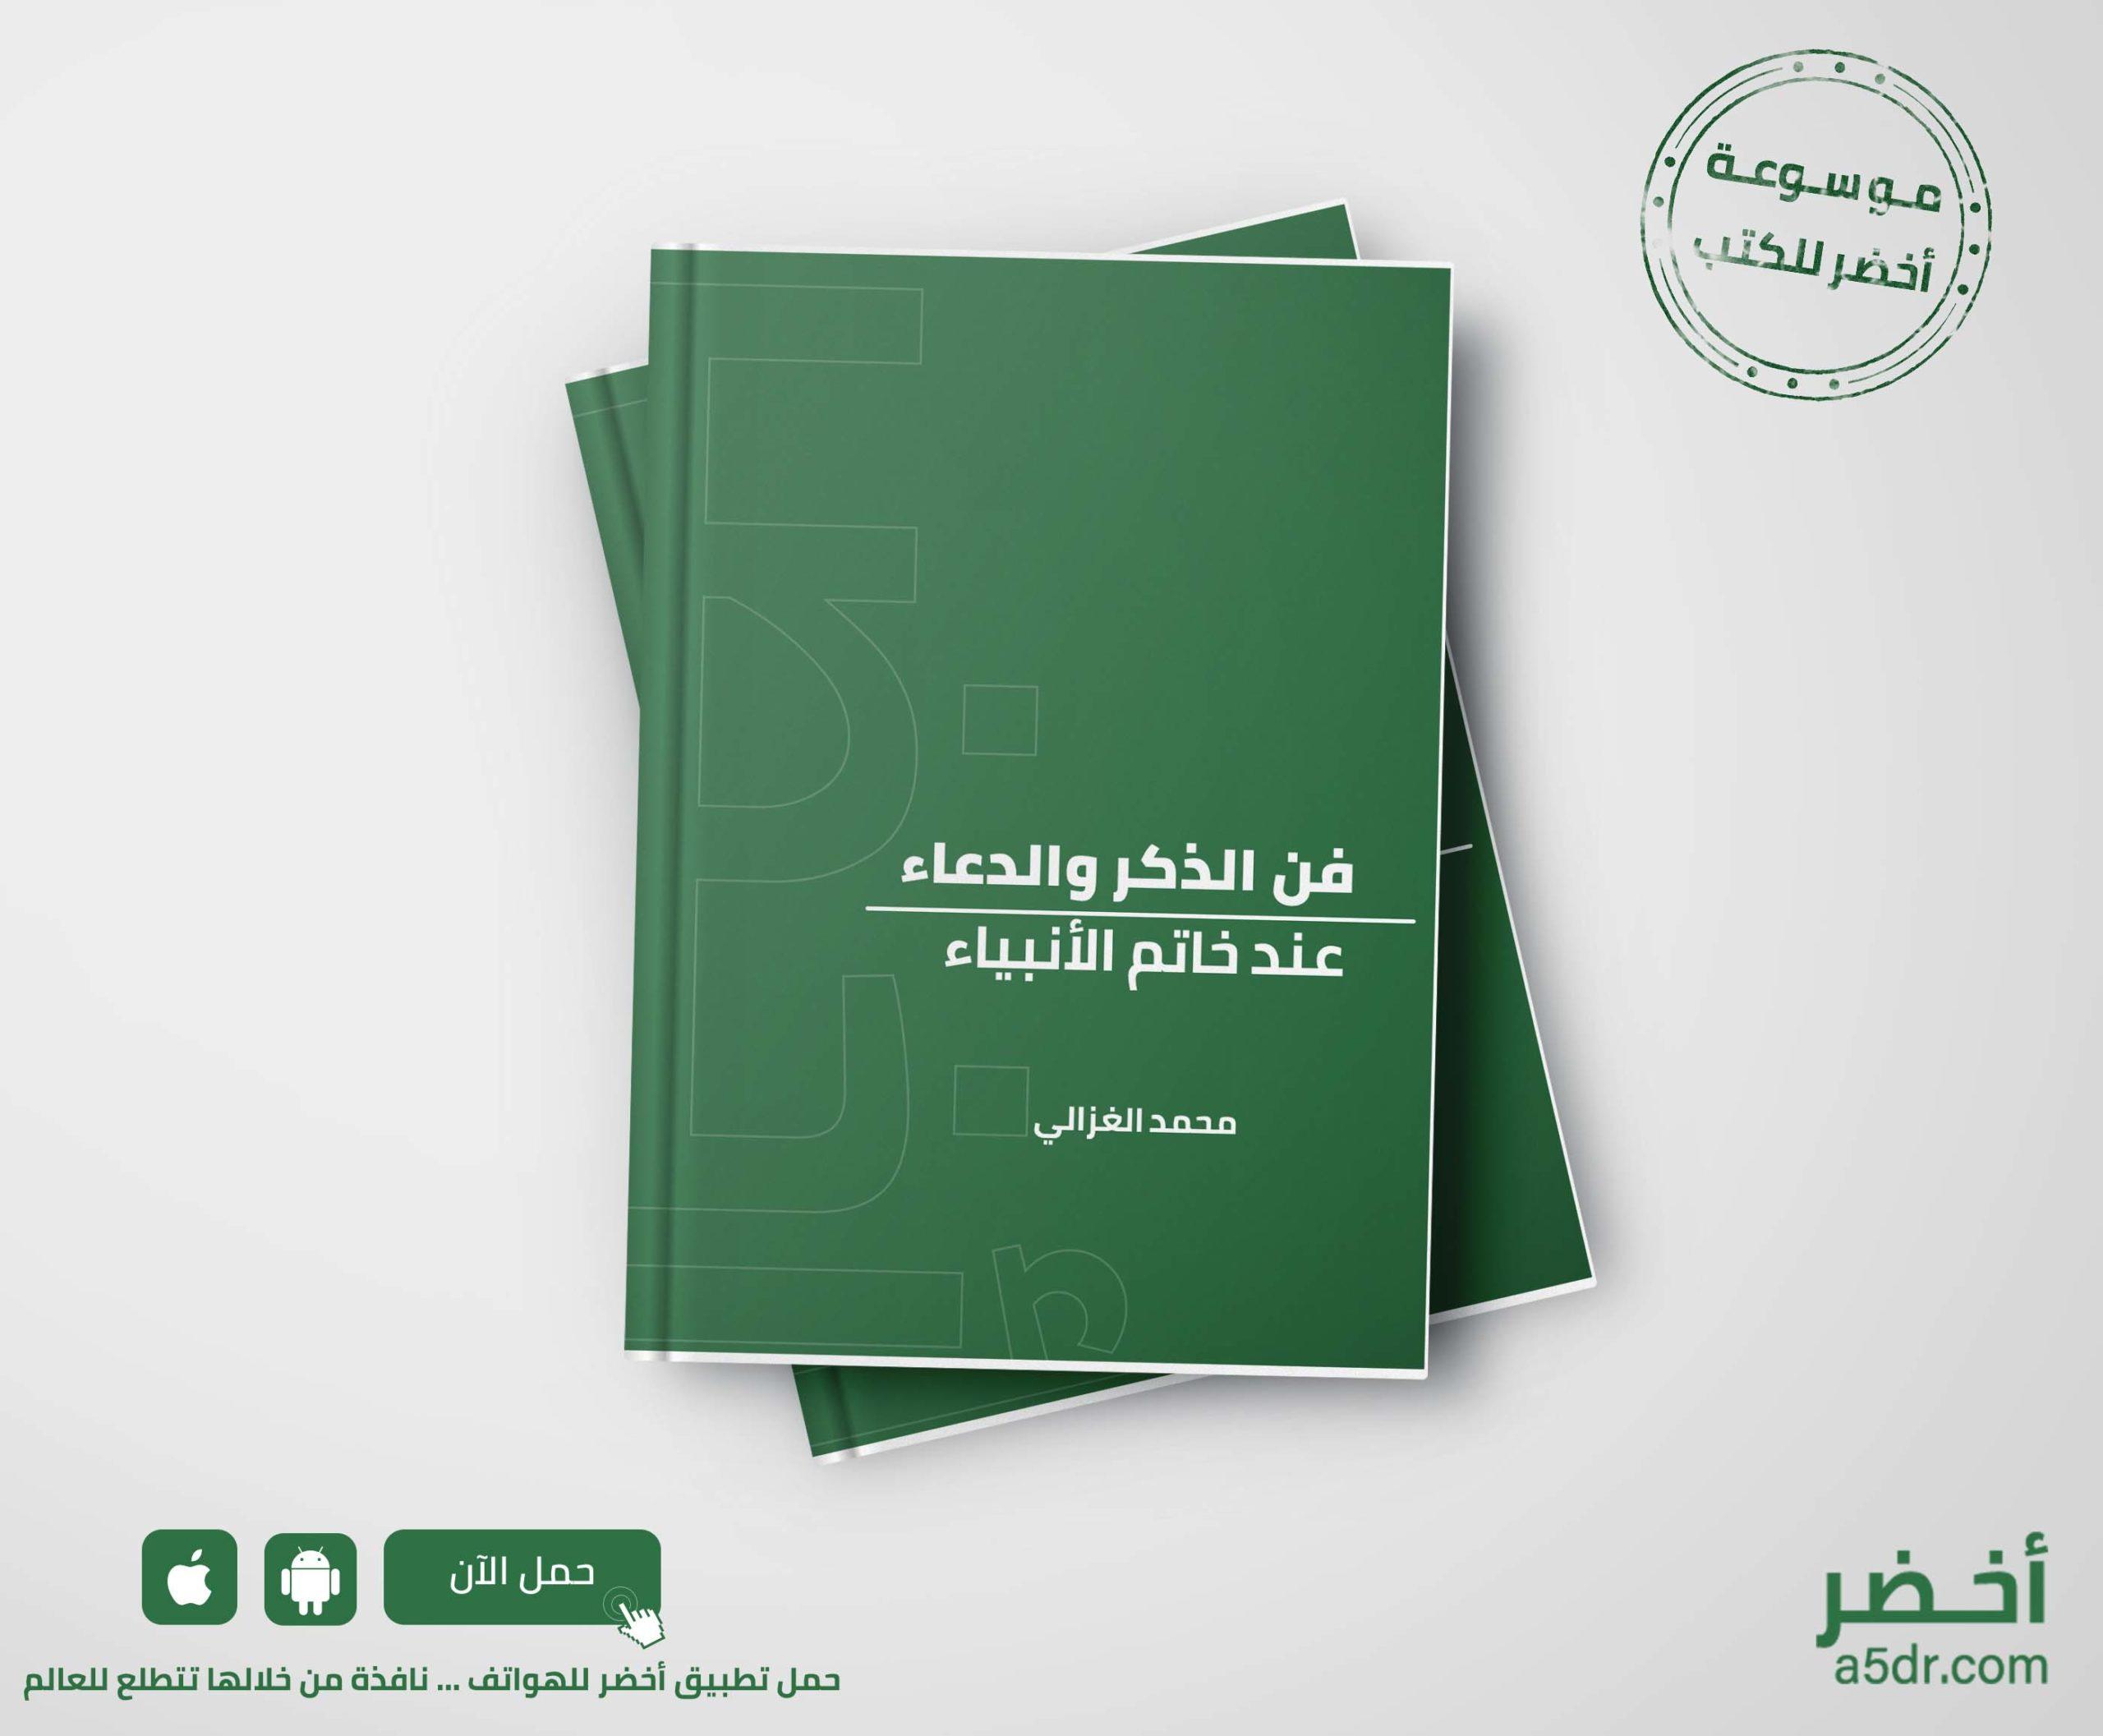 كتاب فن الذكر والدعاء عن خاتم الأنبياء - محمد الغزالي